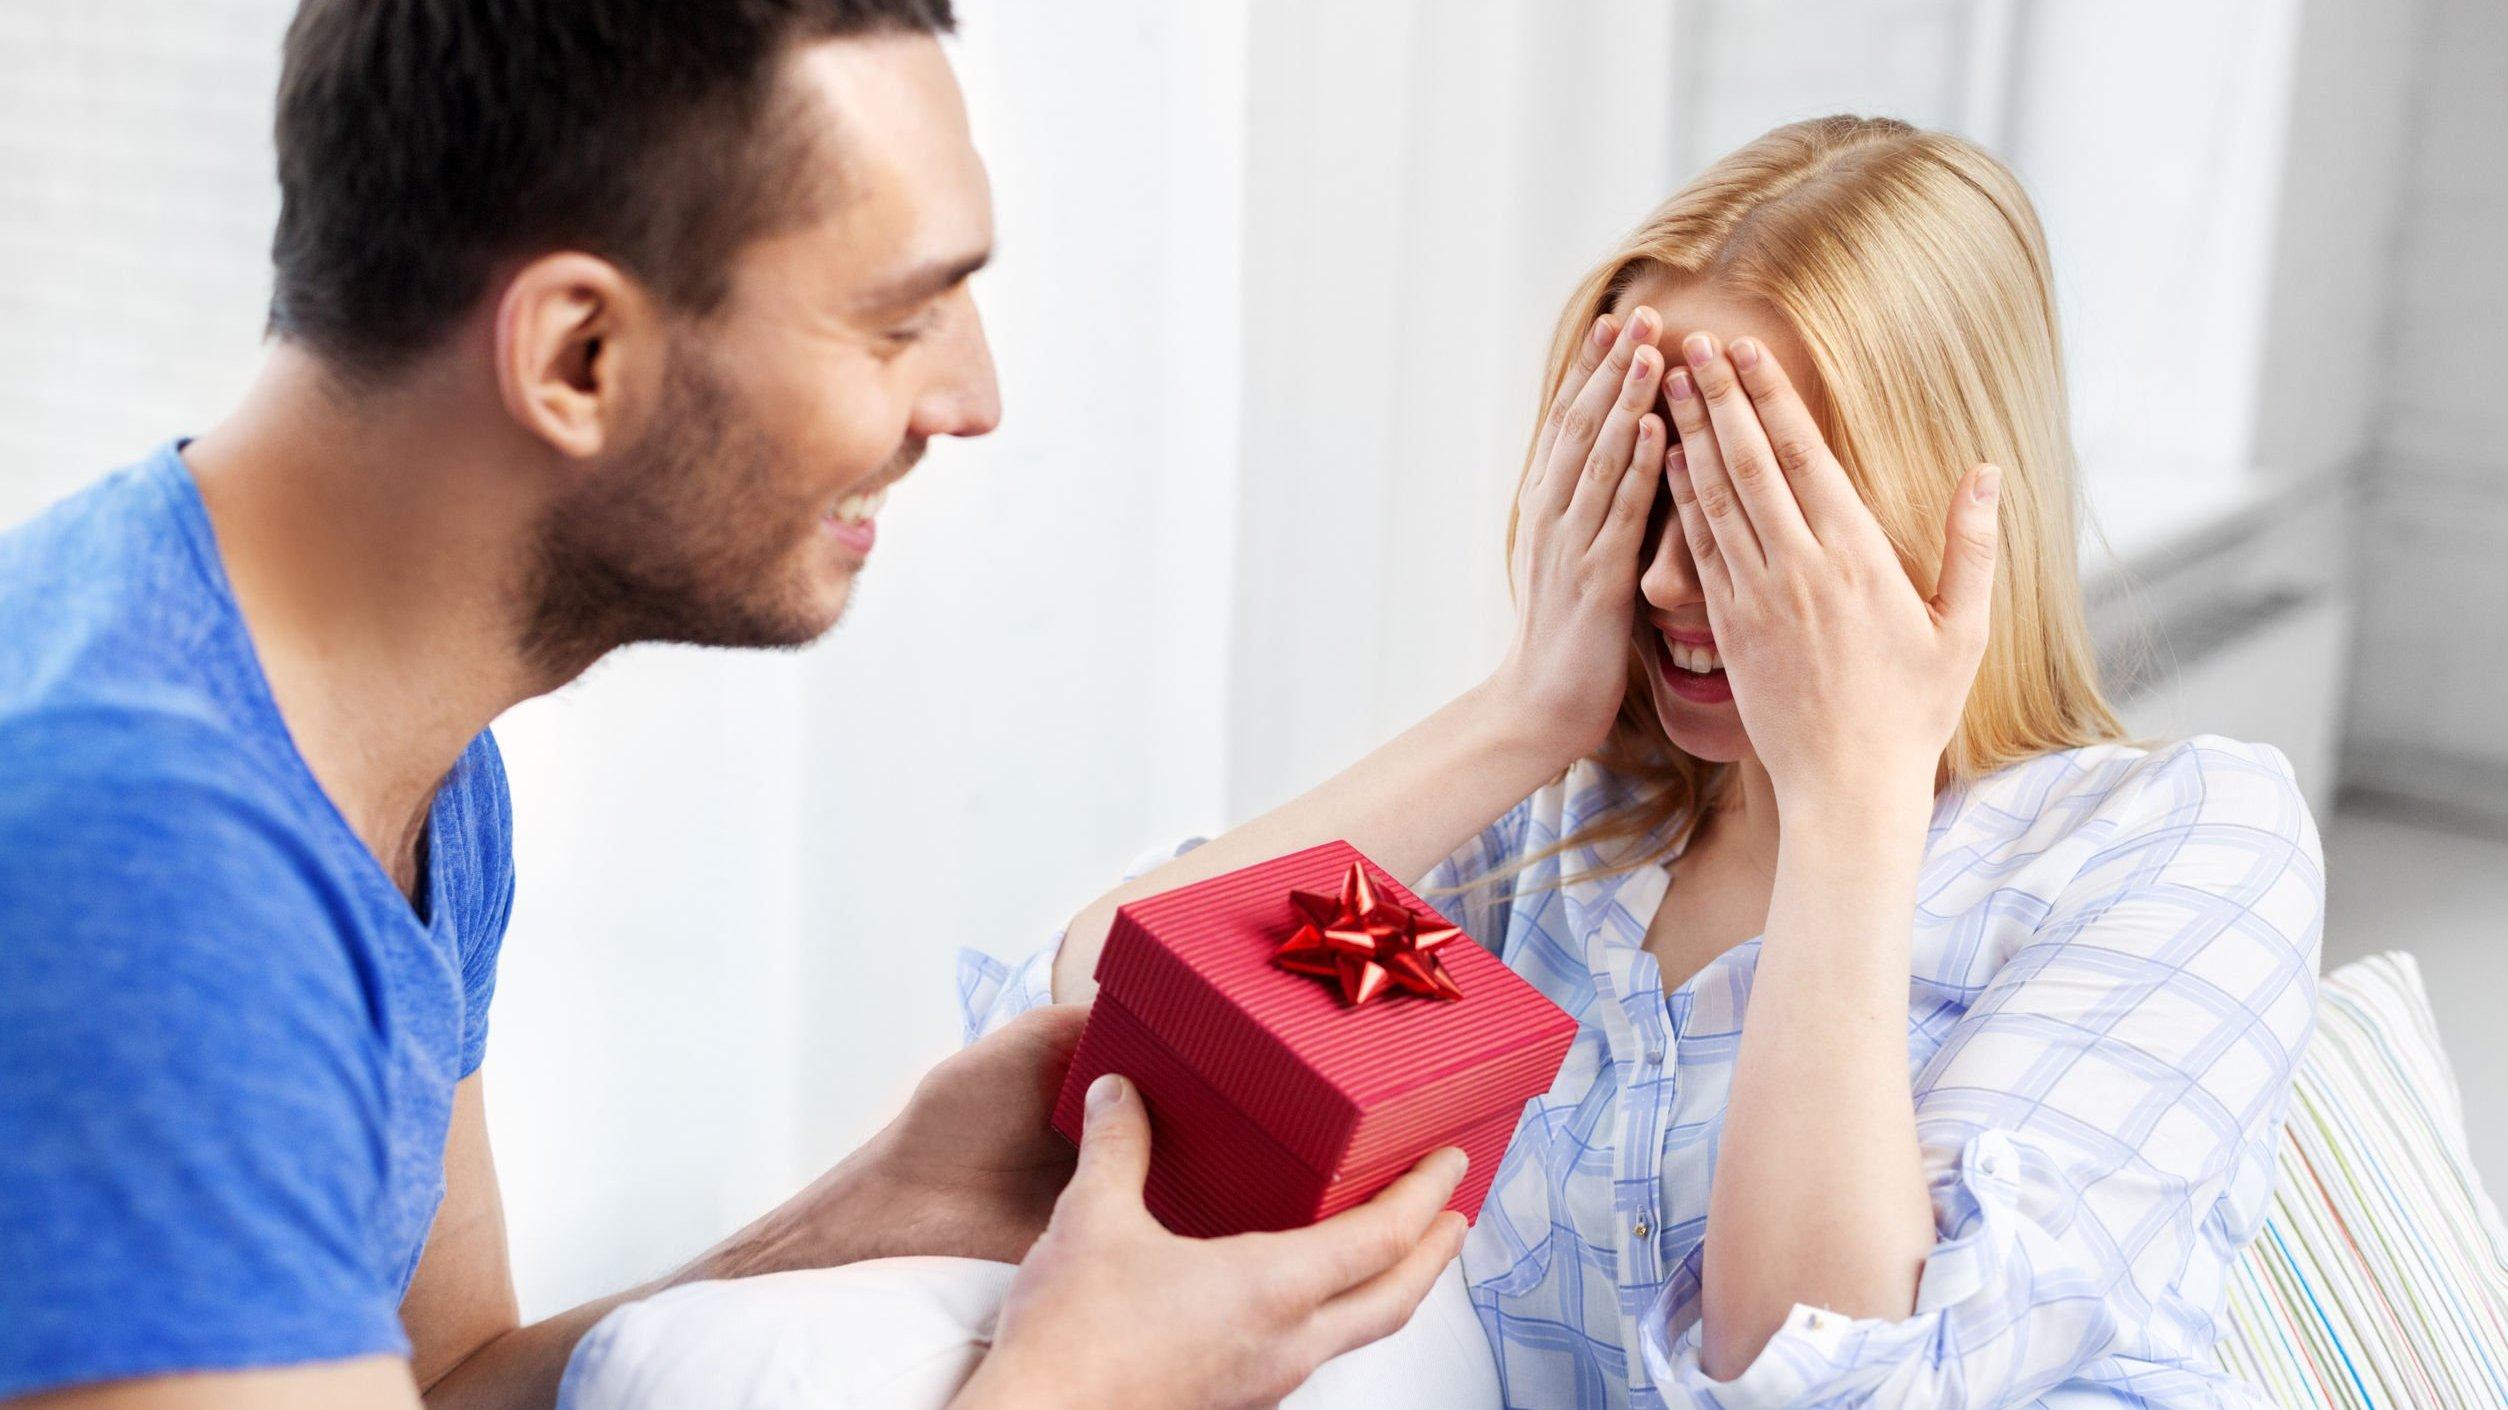 Homem entrega caixa de presente para mulher que cobre os olhos com as mãos.